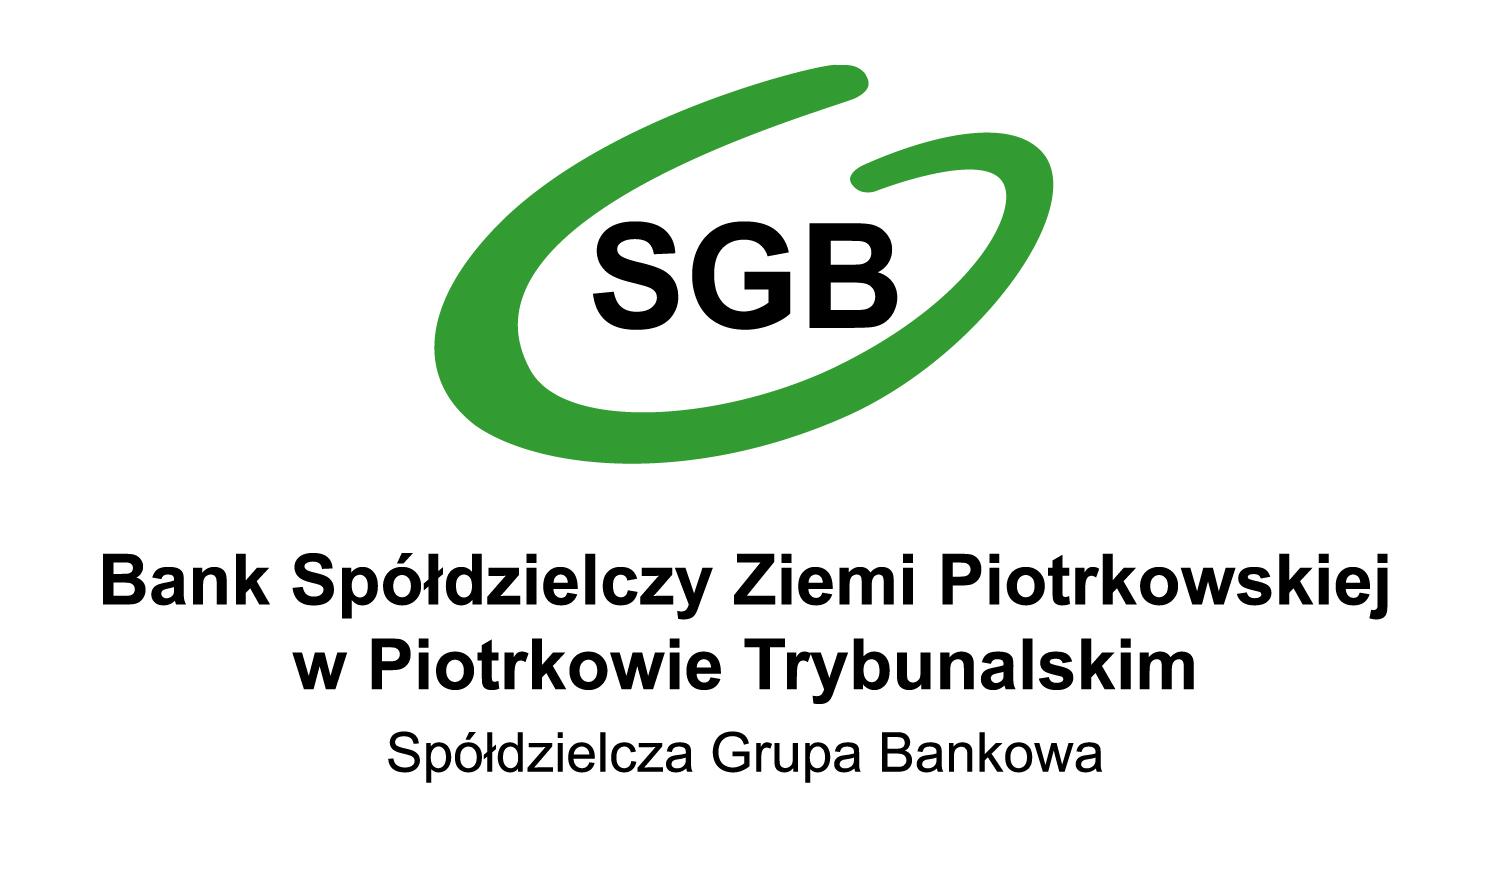 Konto dla młodych w Banku Spółdzielczym Ziemi Piotrkowskiej - Bank Spółdzielczy Ziemi Piotrkowskiej